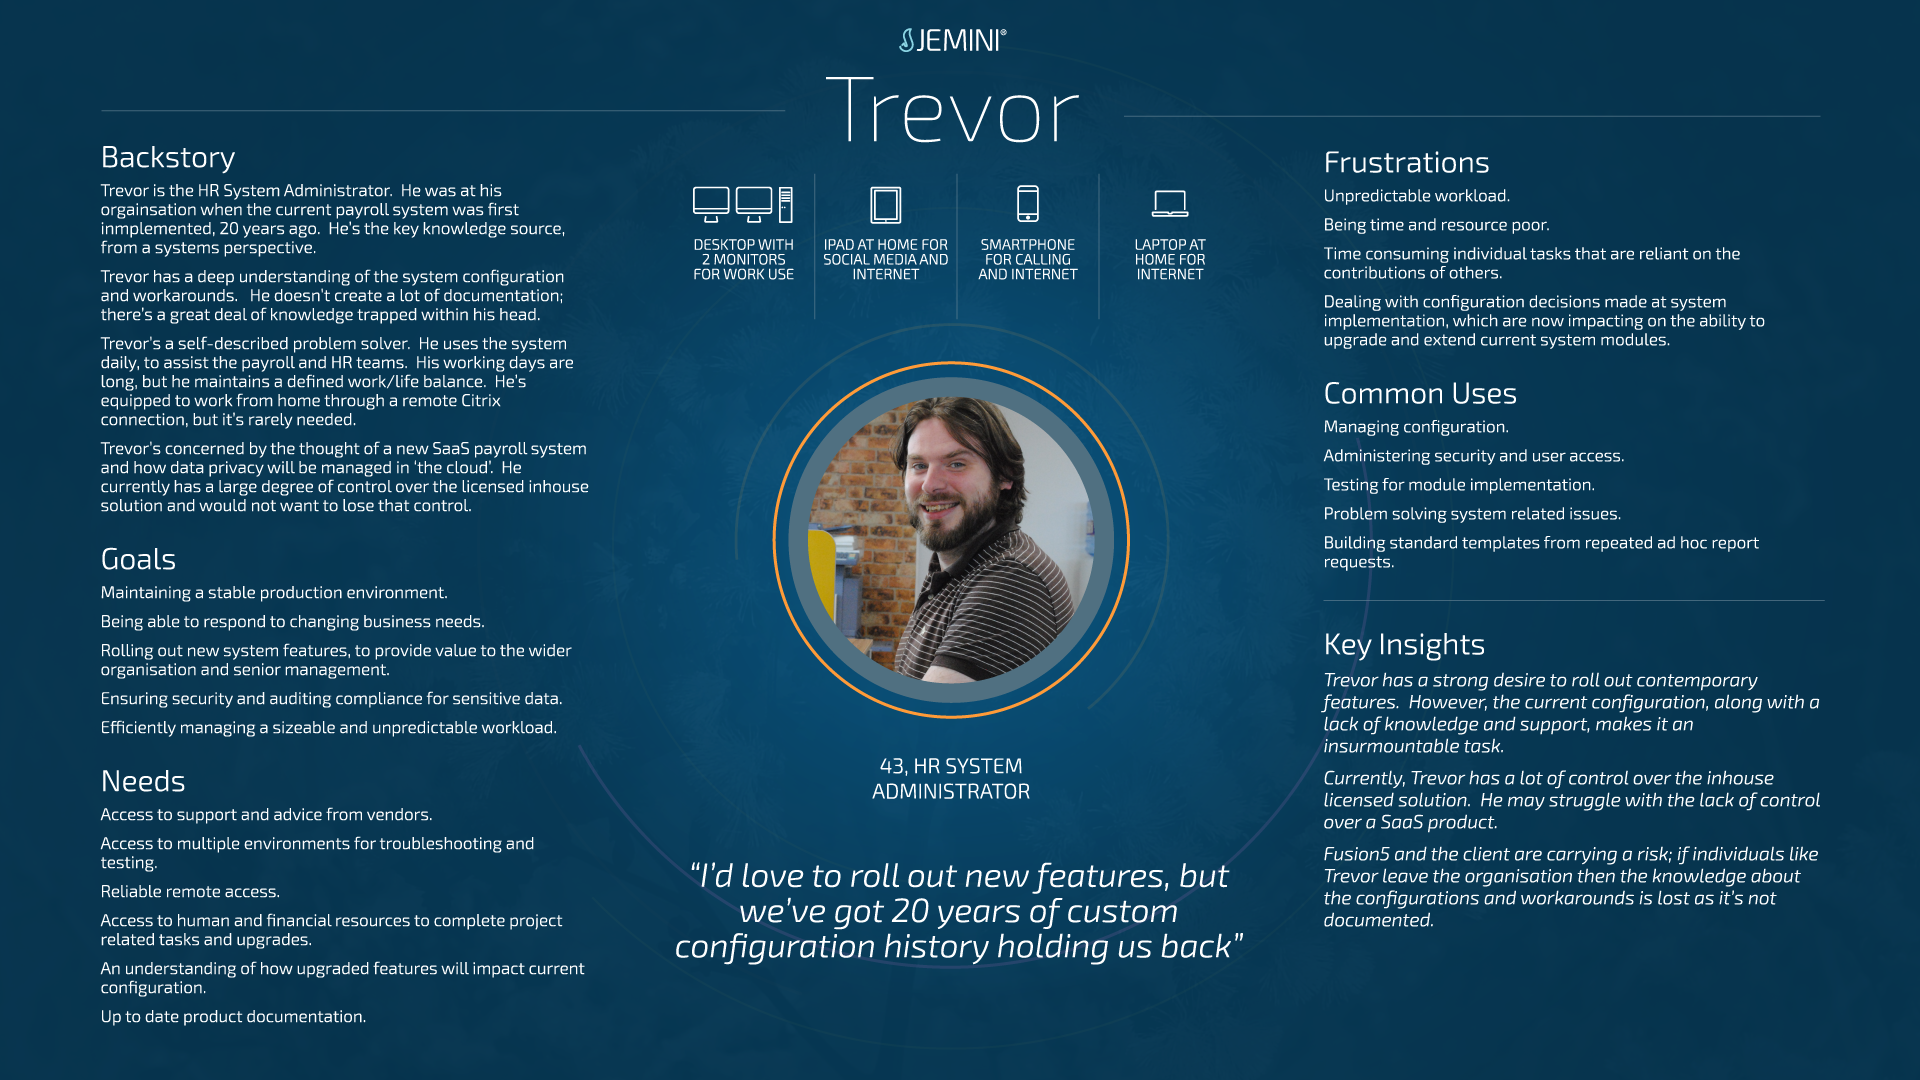 Trevor+(1).png